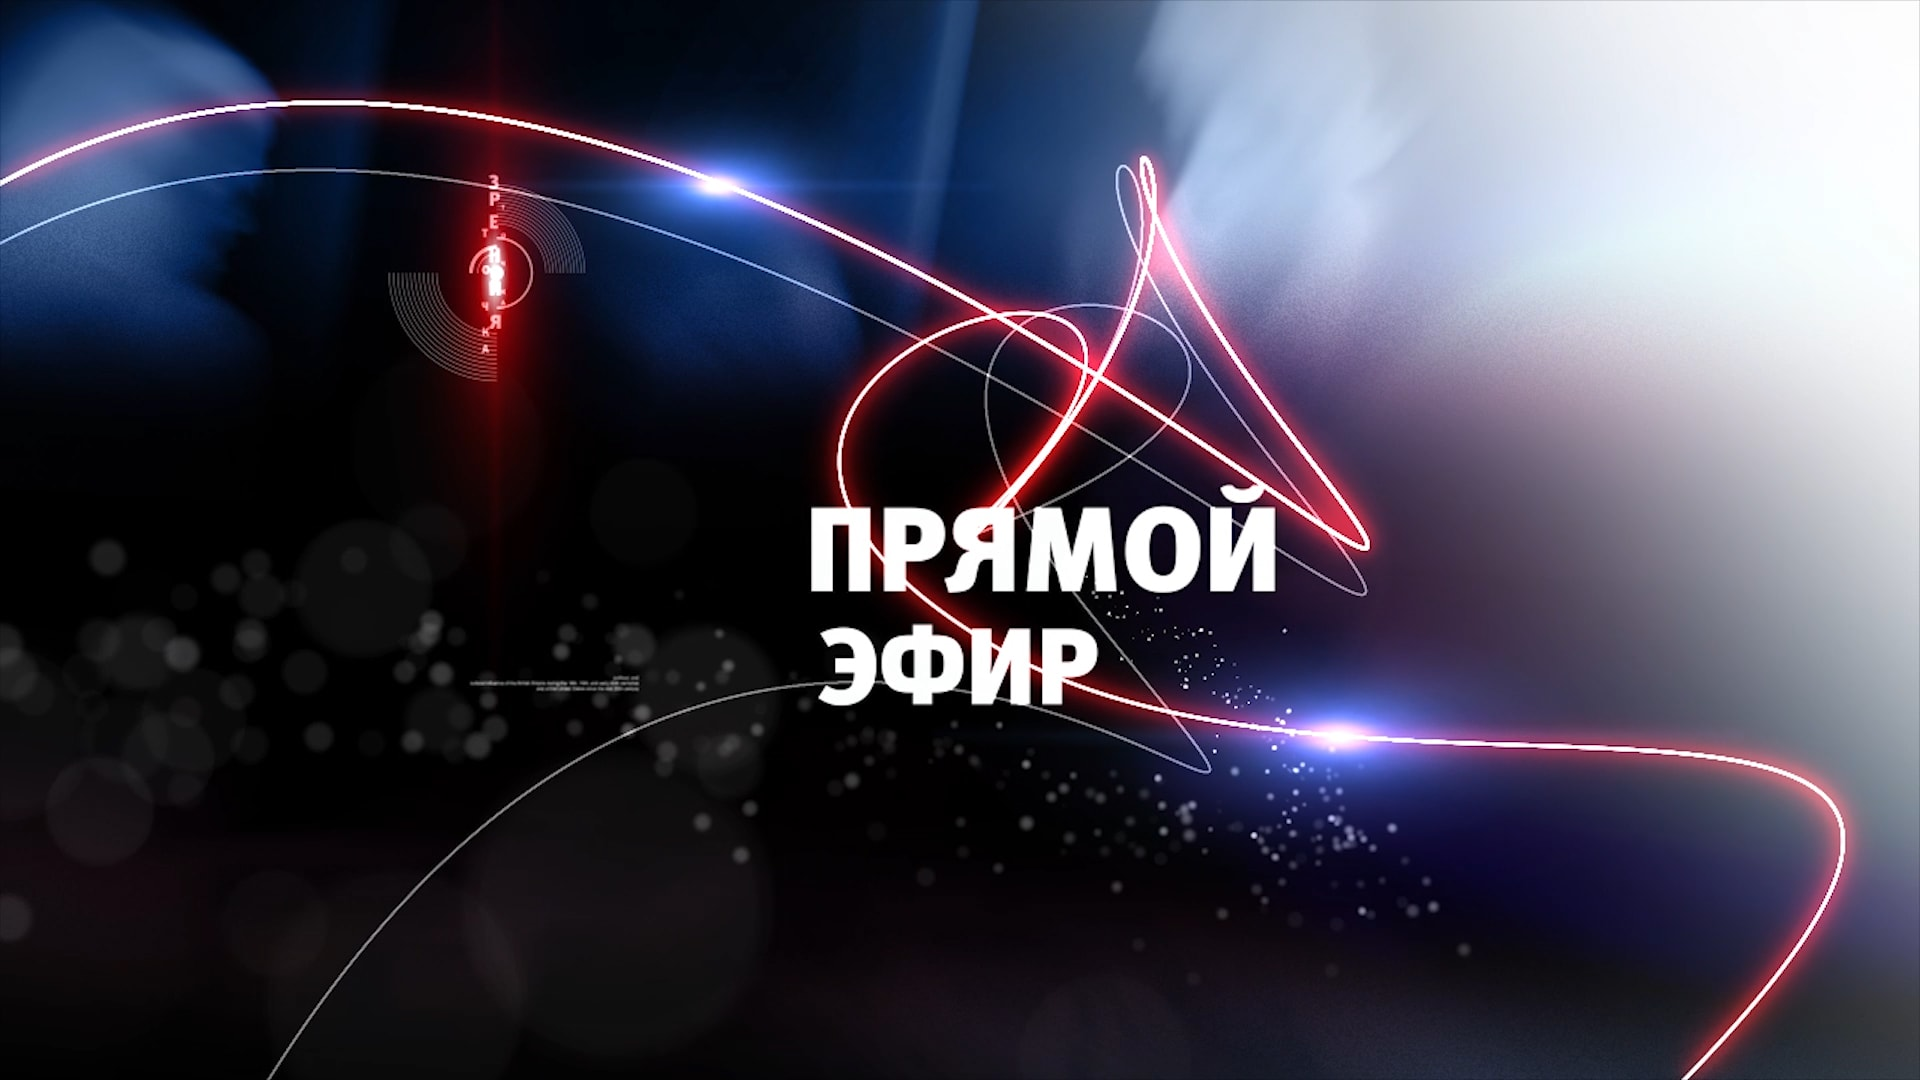 Яндекс в прямом эфире